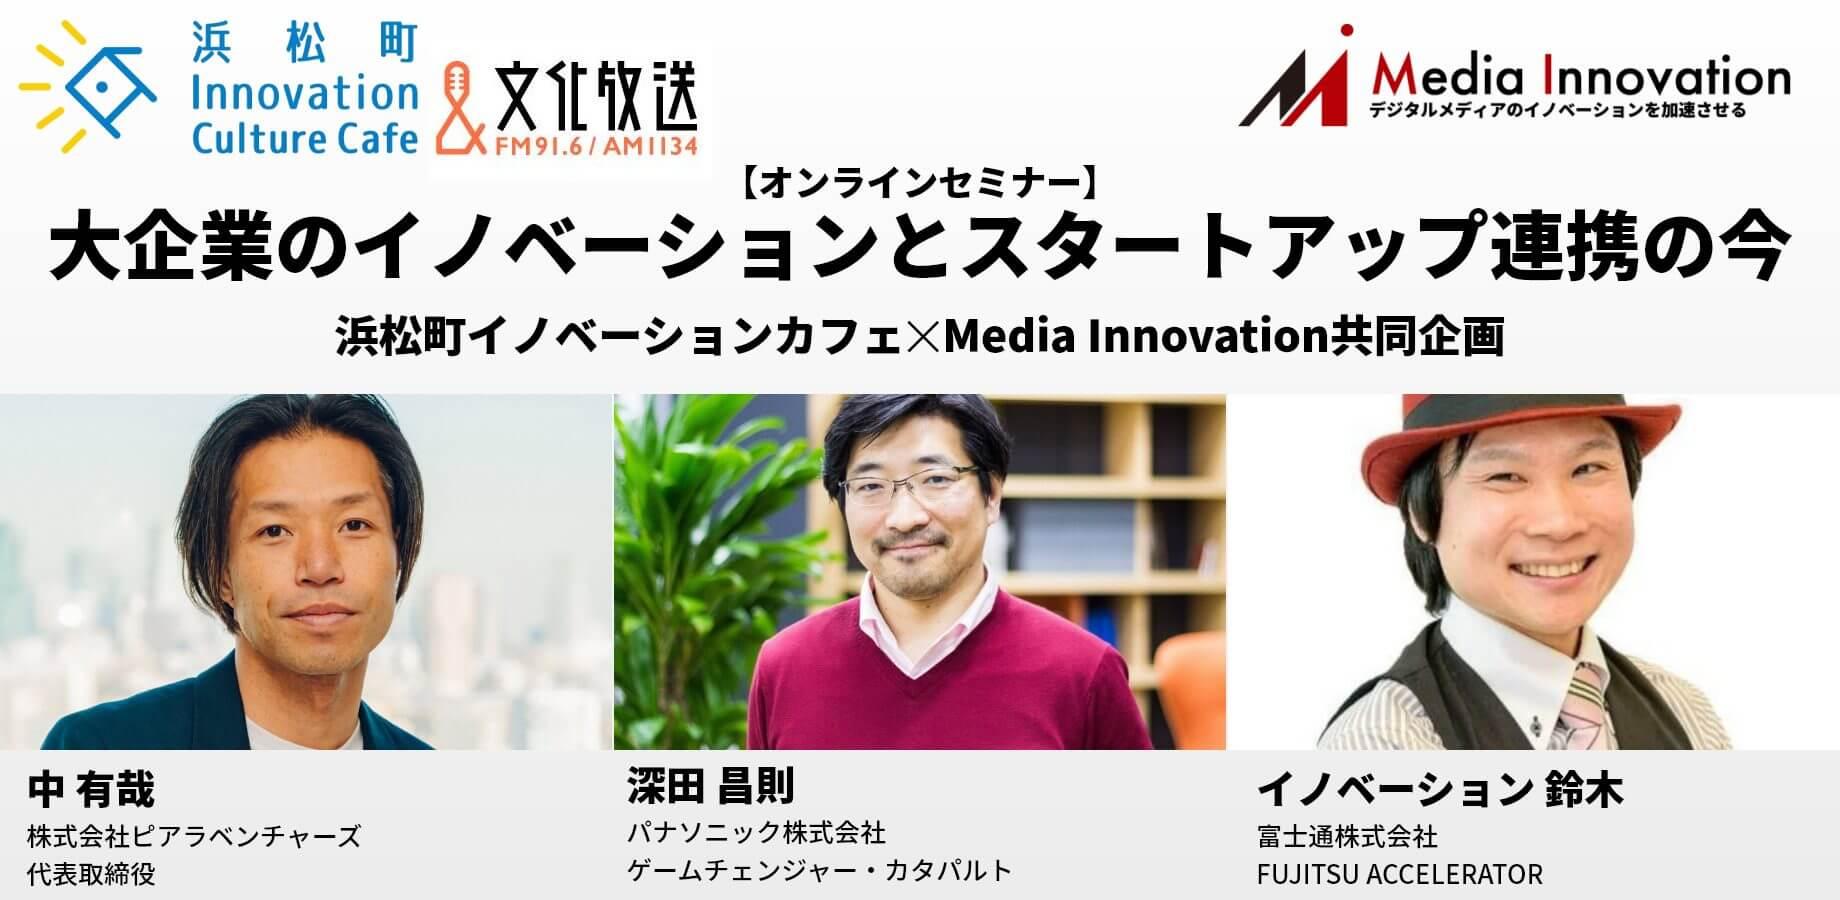 【6/28開催】Media Innovationとのコラボで浜松町InnovationCultureCafeのイベントを開催!